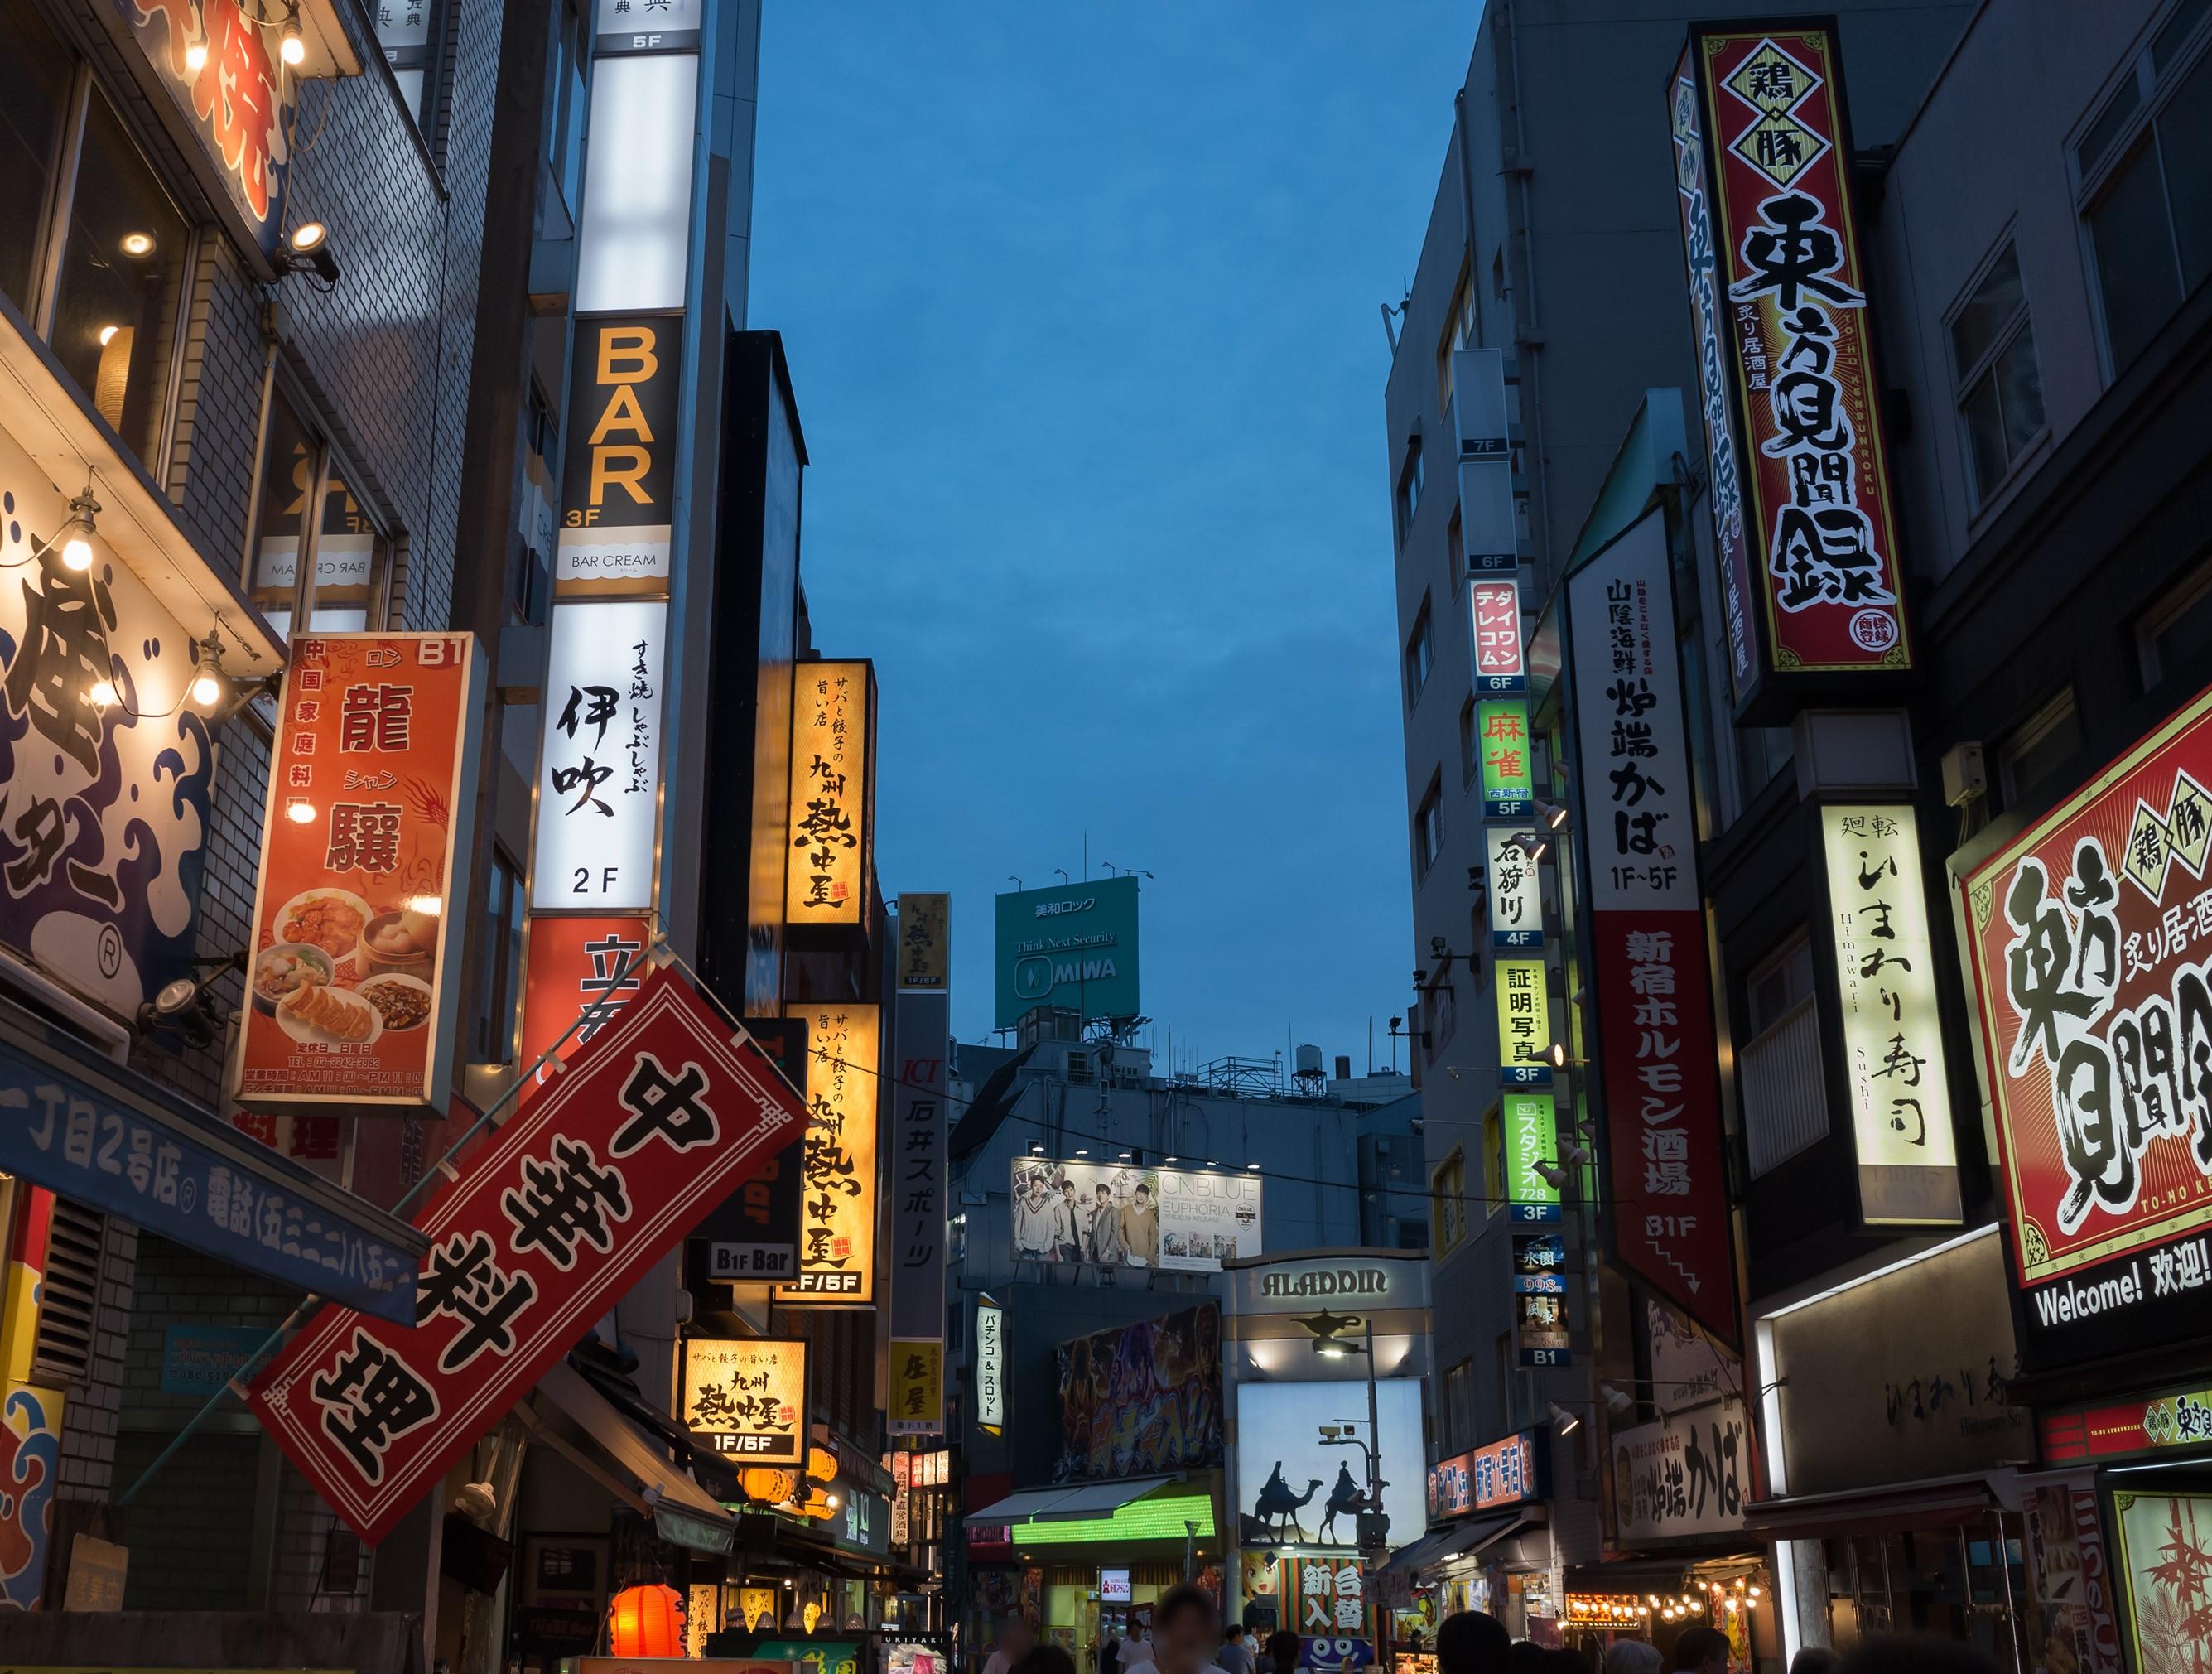 新宿2丁目でおすすめの飲み屋は?初心者歓迎の観光ゲイバーなど紹介!